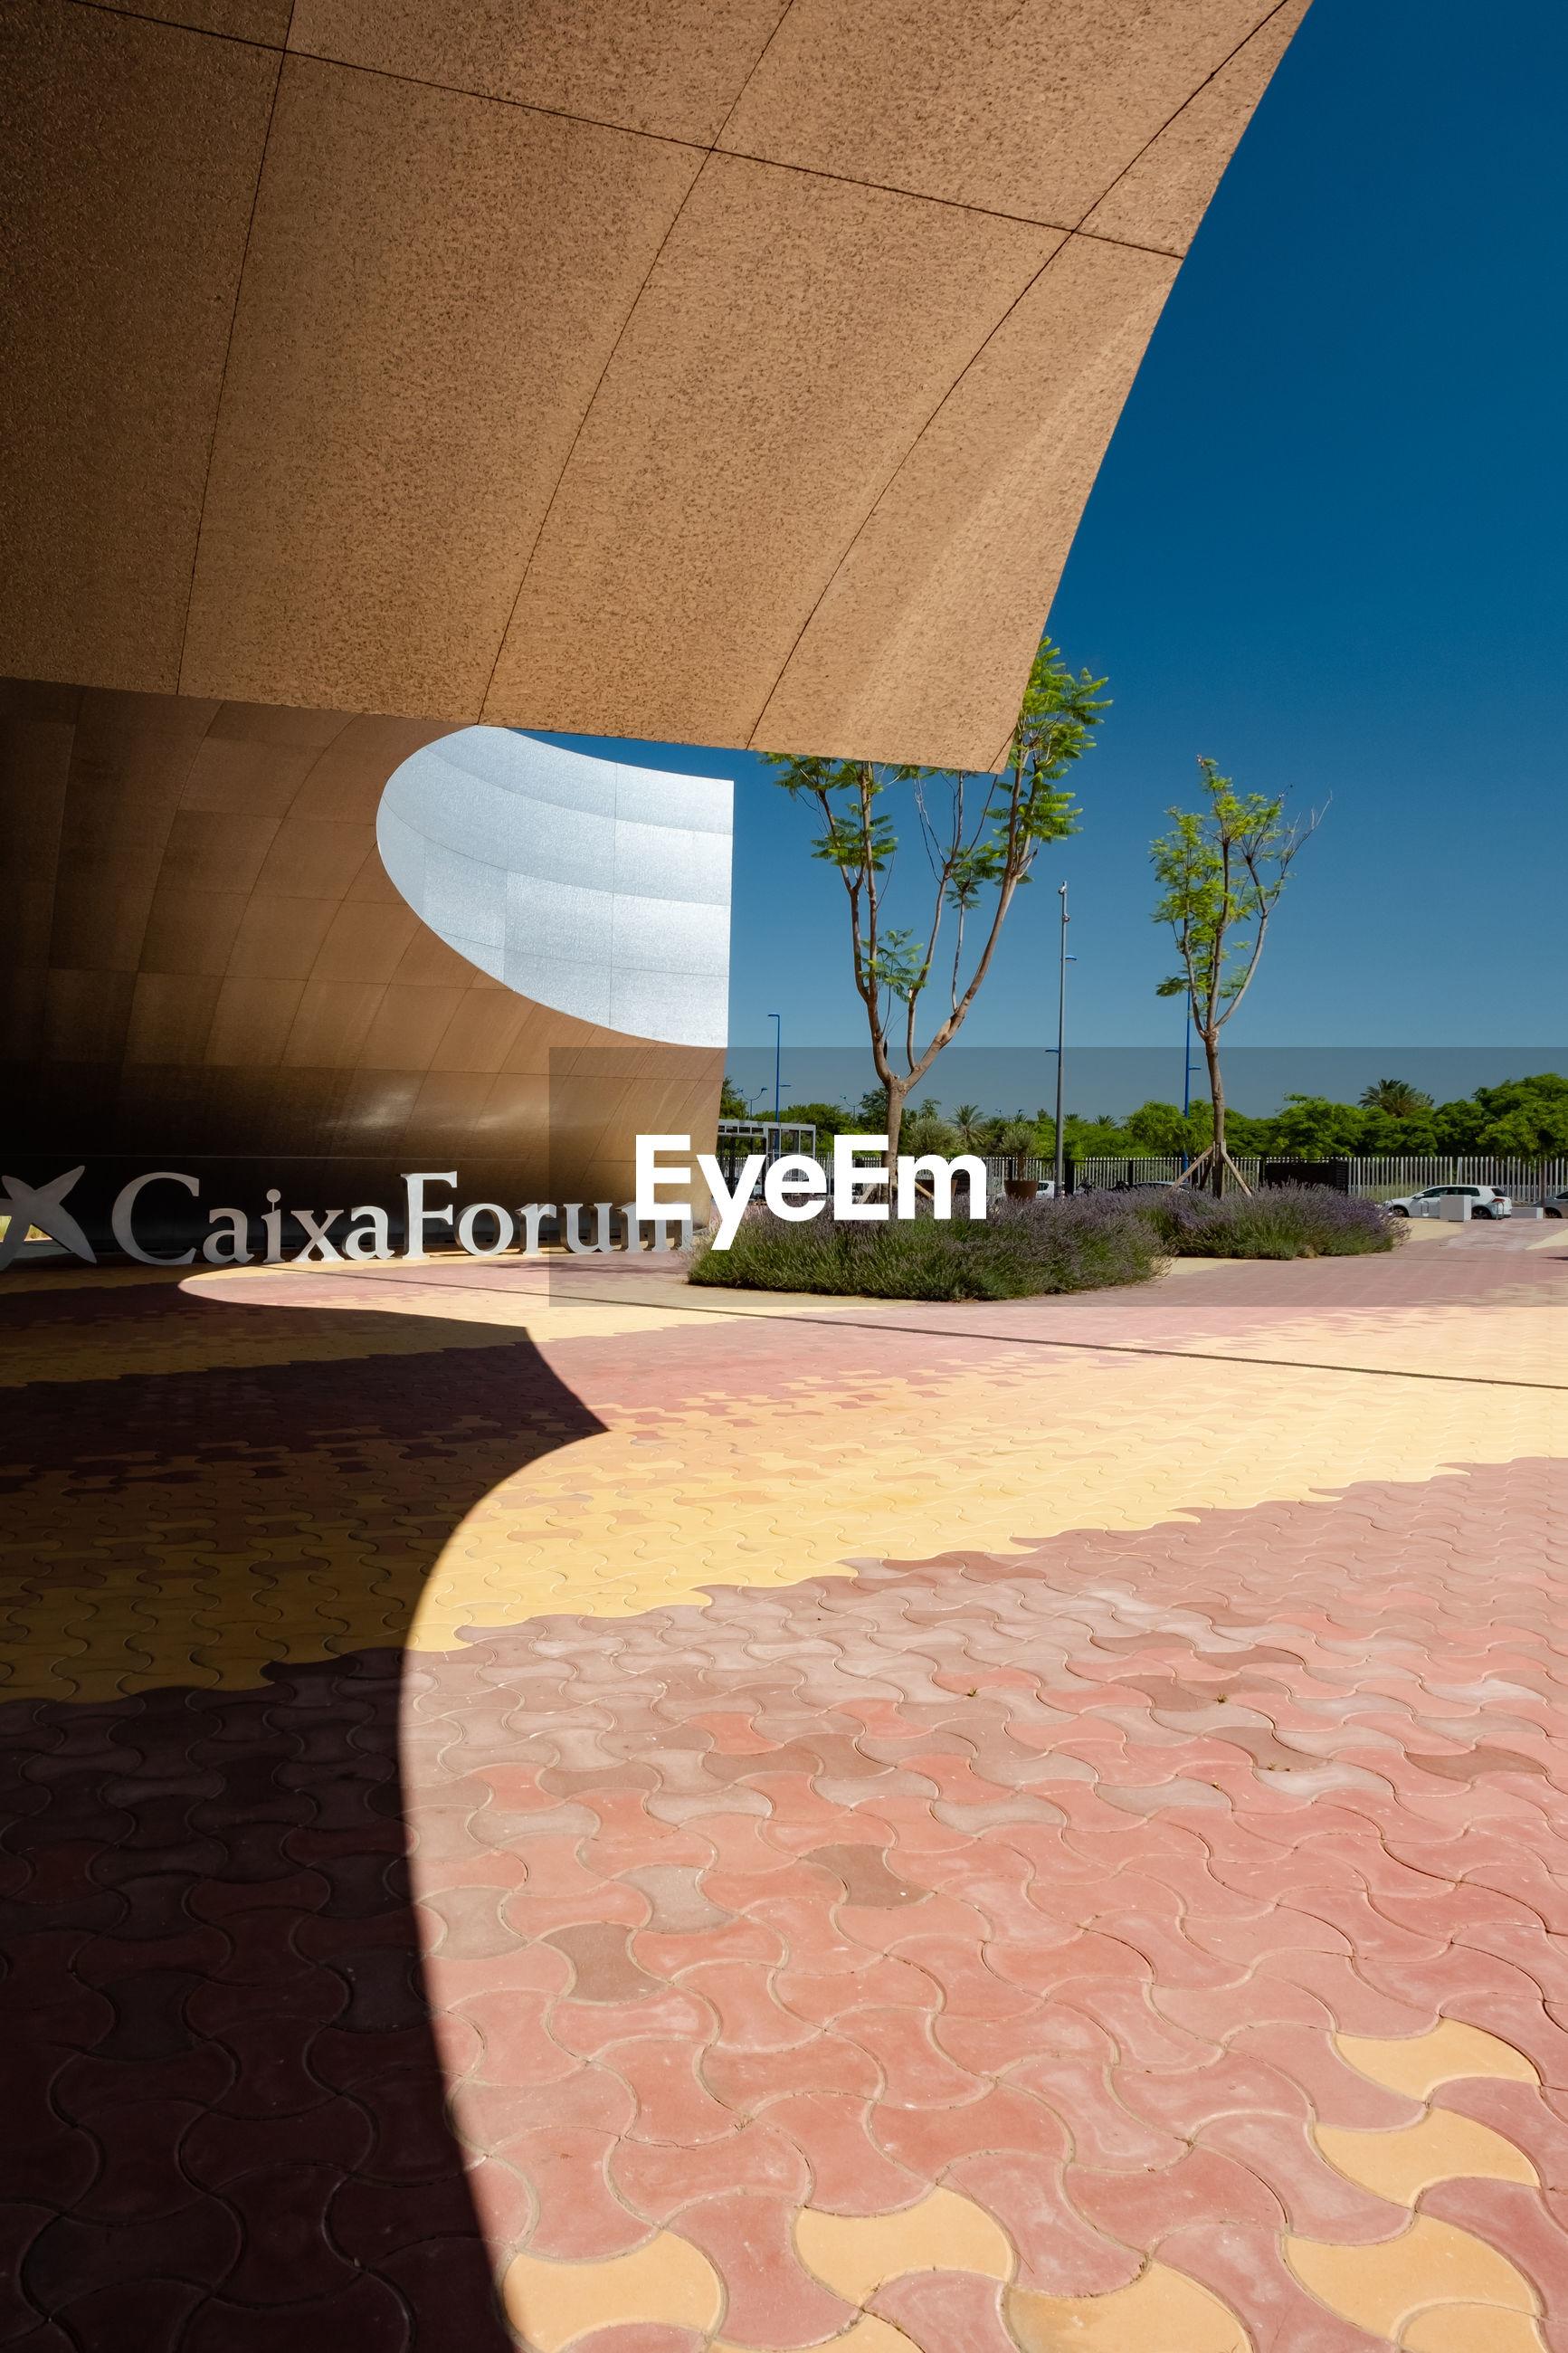 VIEW OF FOOTPATH AGAINST BUILDINGS